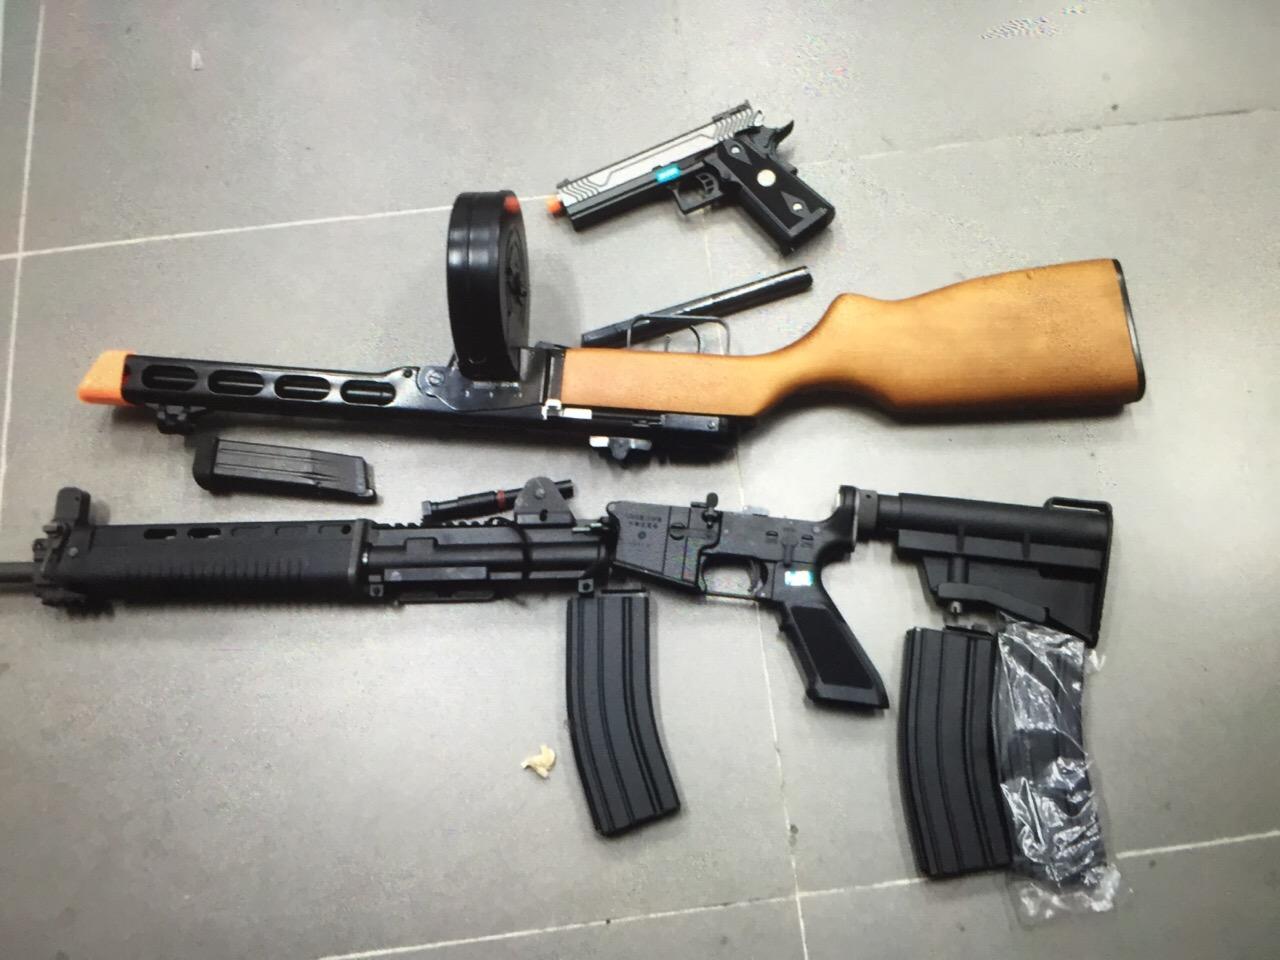 Bắt vụ gửi súng, lựu đạn từ Mỹ về Việt Nam 1